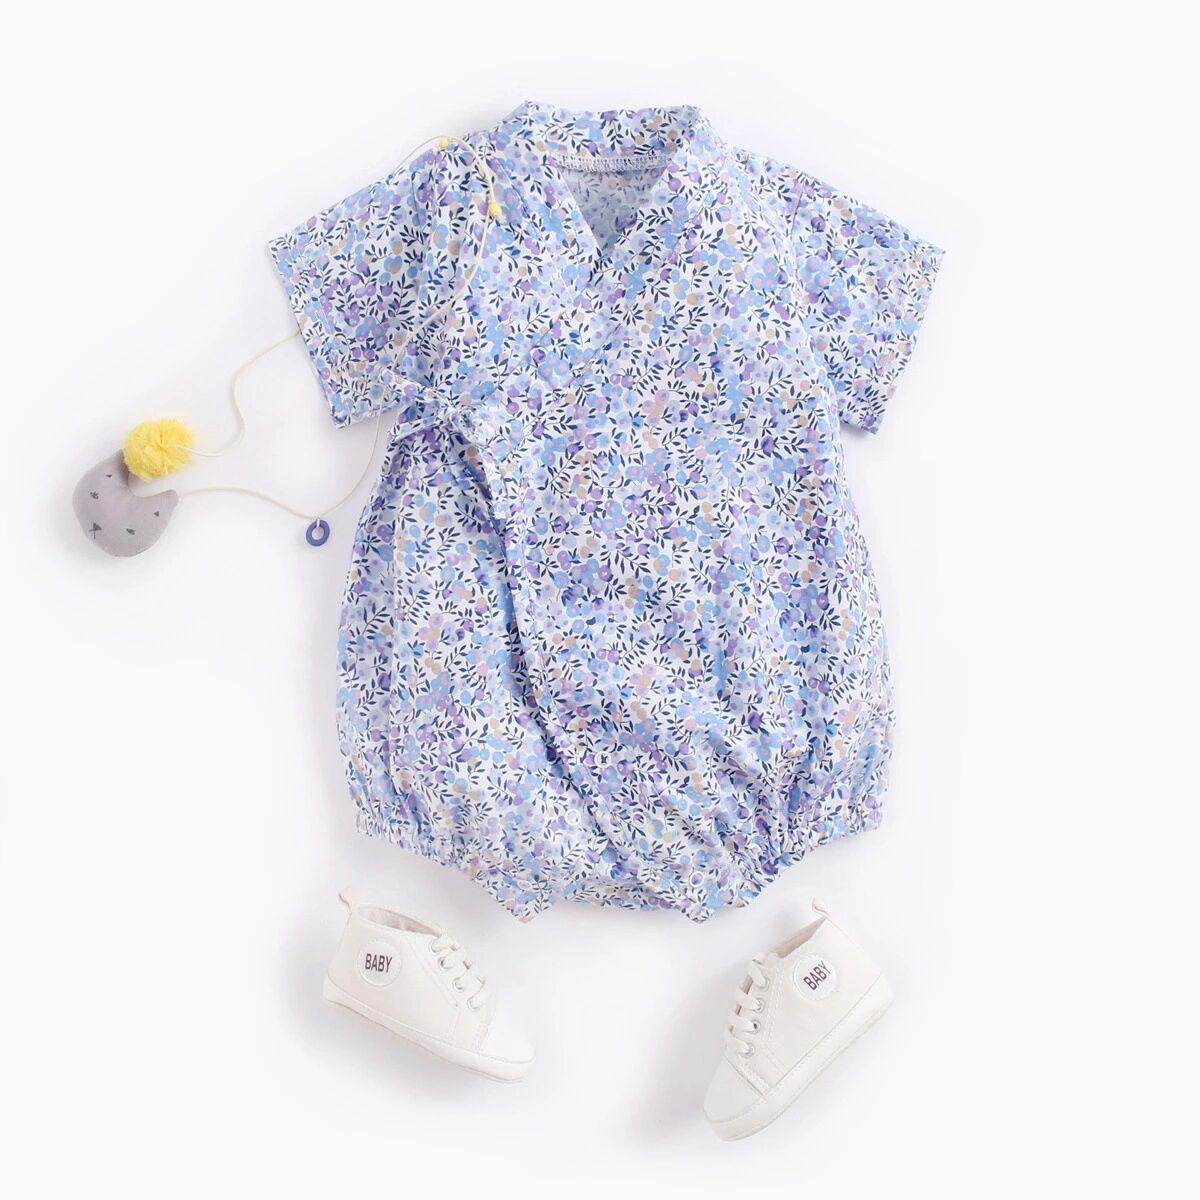 和风V领侧边系带树叶花朵印花短袖爬服 婴儿三角连身衣哈衣包屁衣